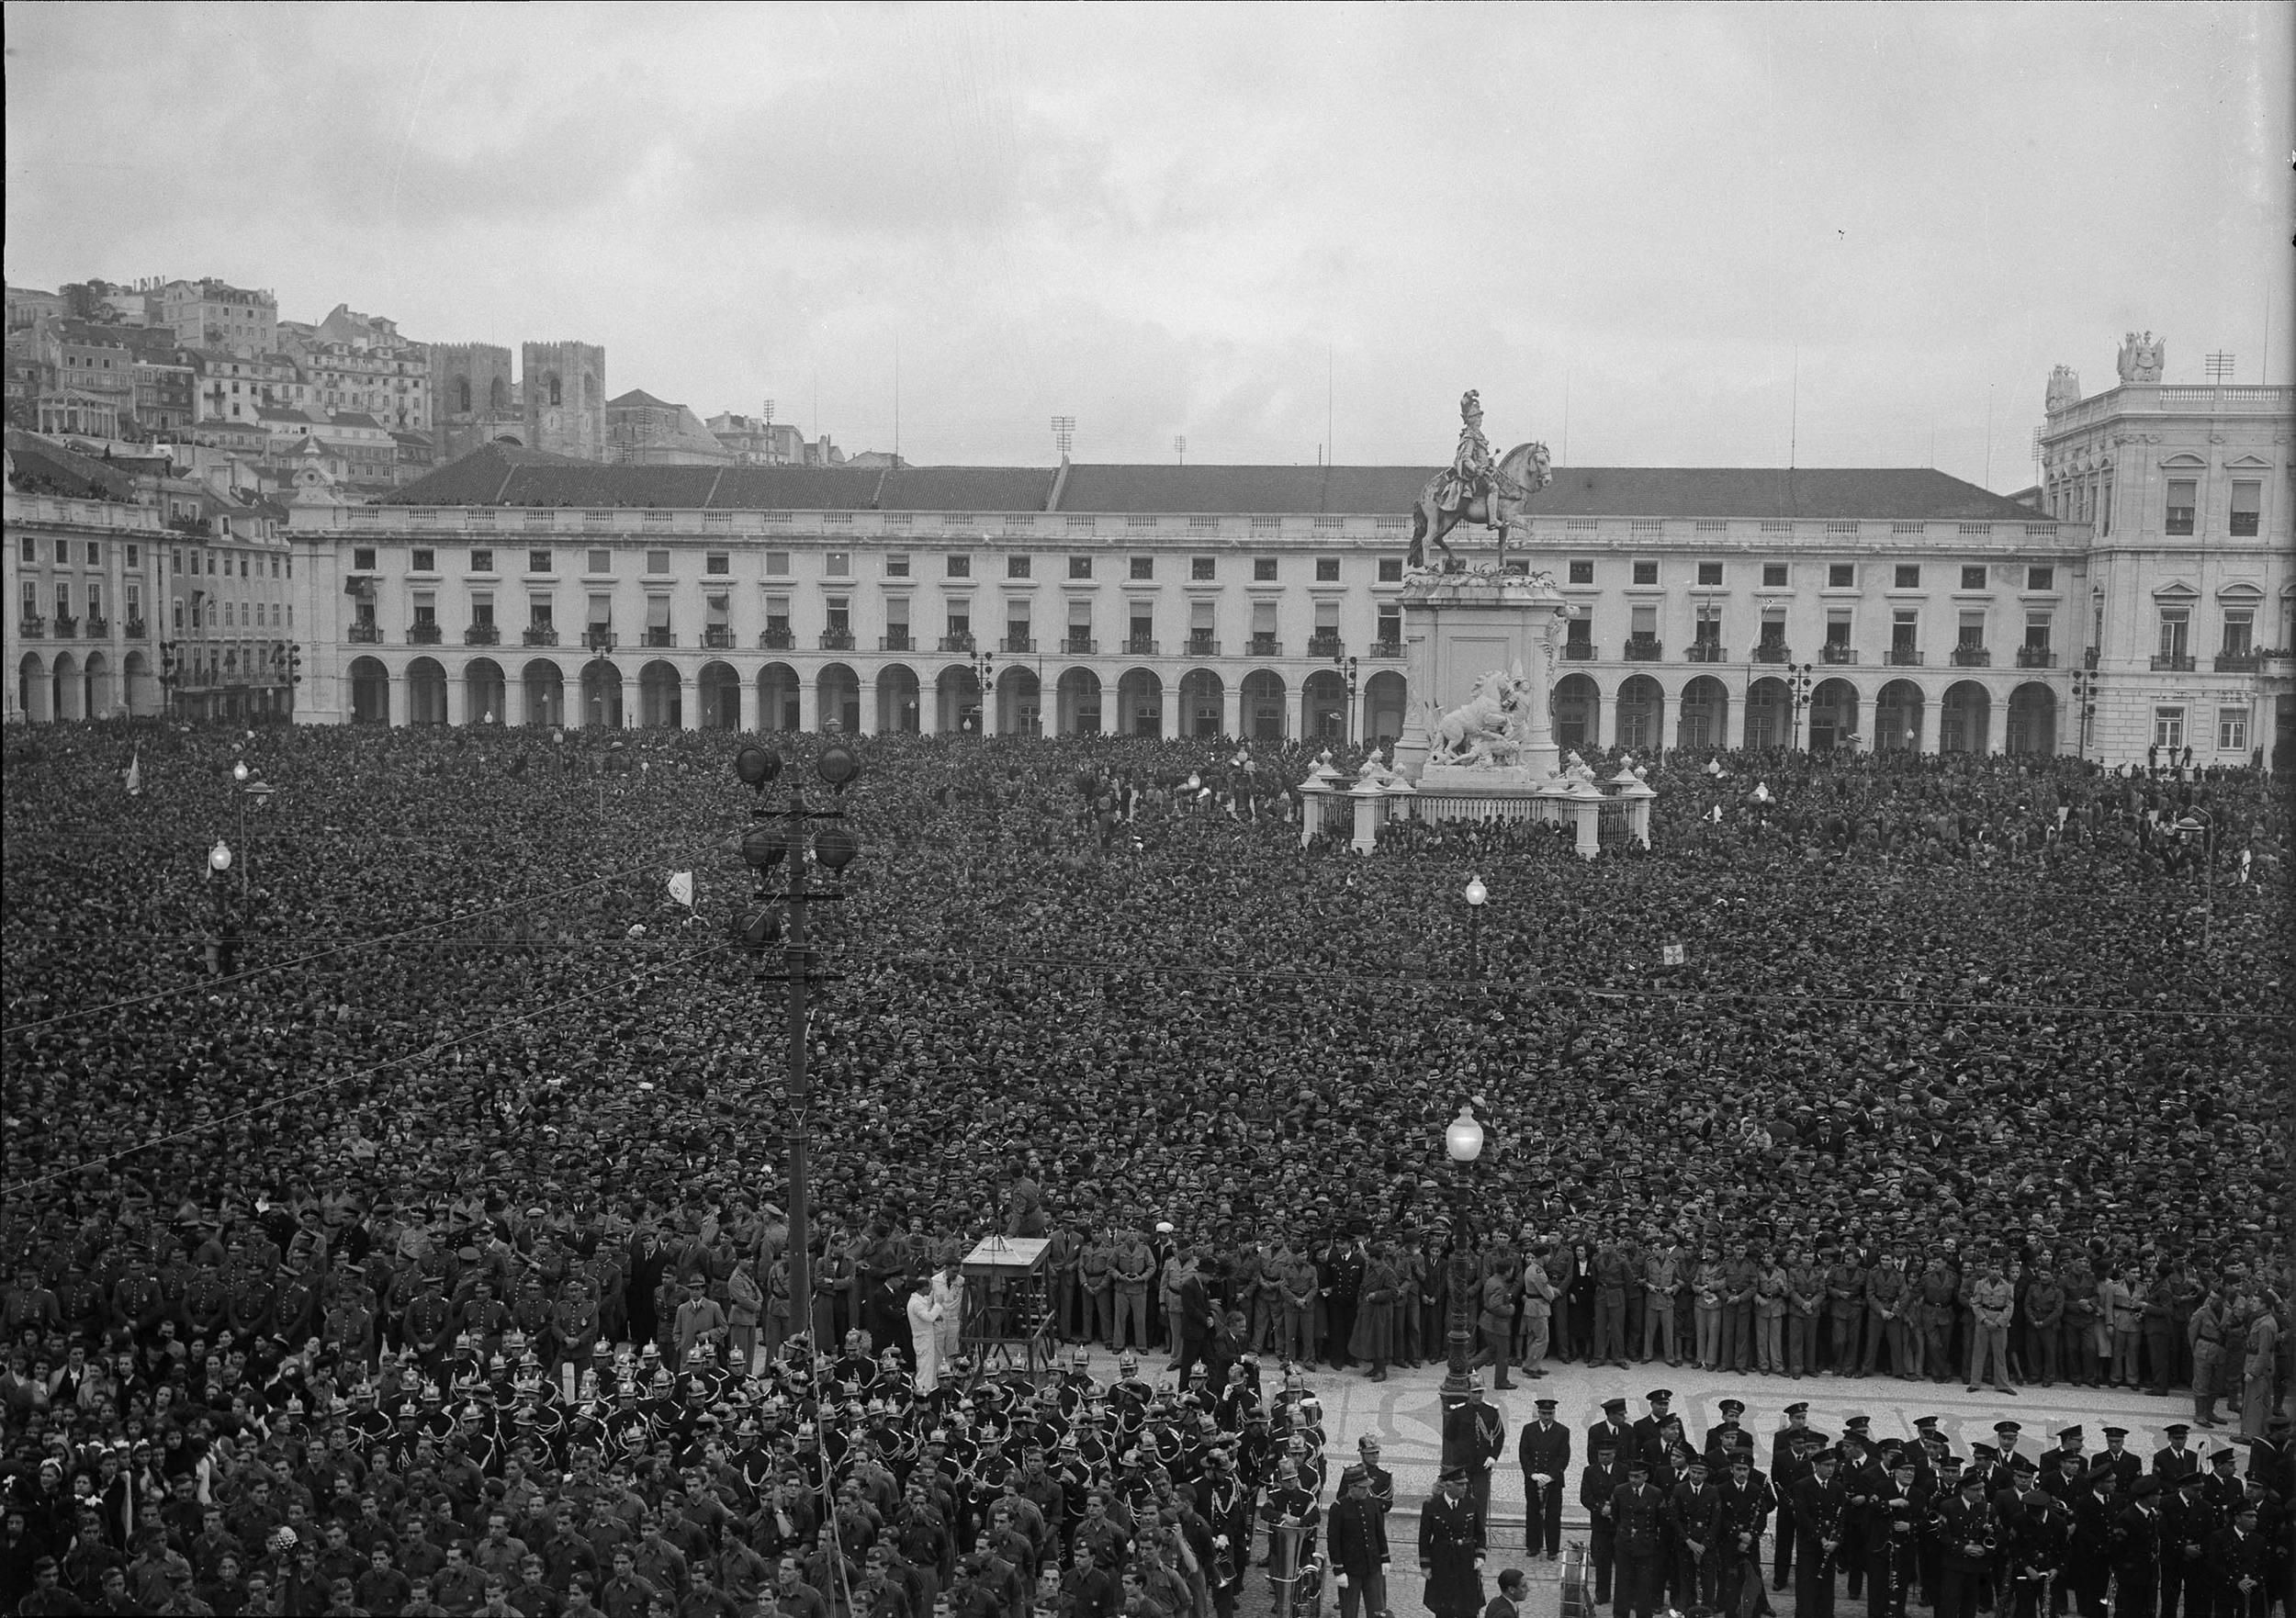 Salazar's view over the Praça do Comércio.  Photo: Horácio Novais, 1945, Lisbon  Biblioteca de Arte da Fundação Calouste Gulbenkian[CFT164_00798]